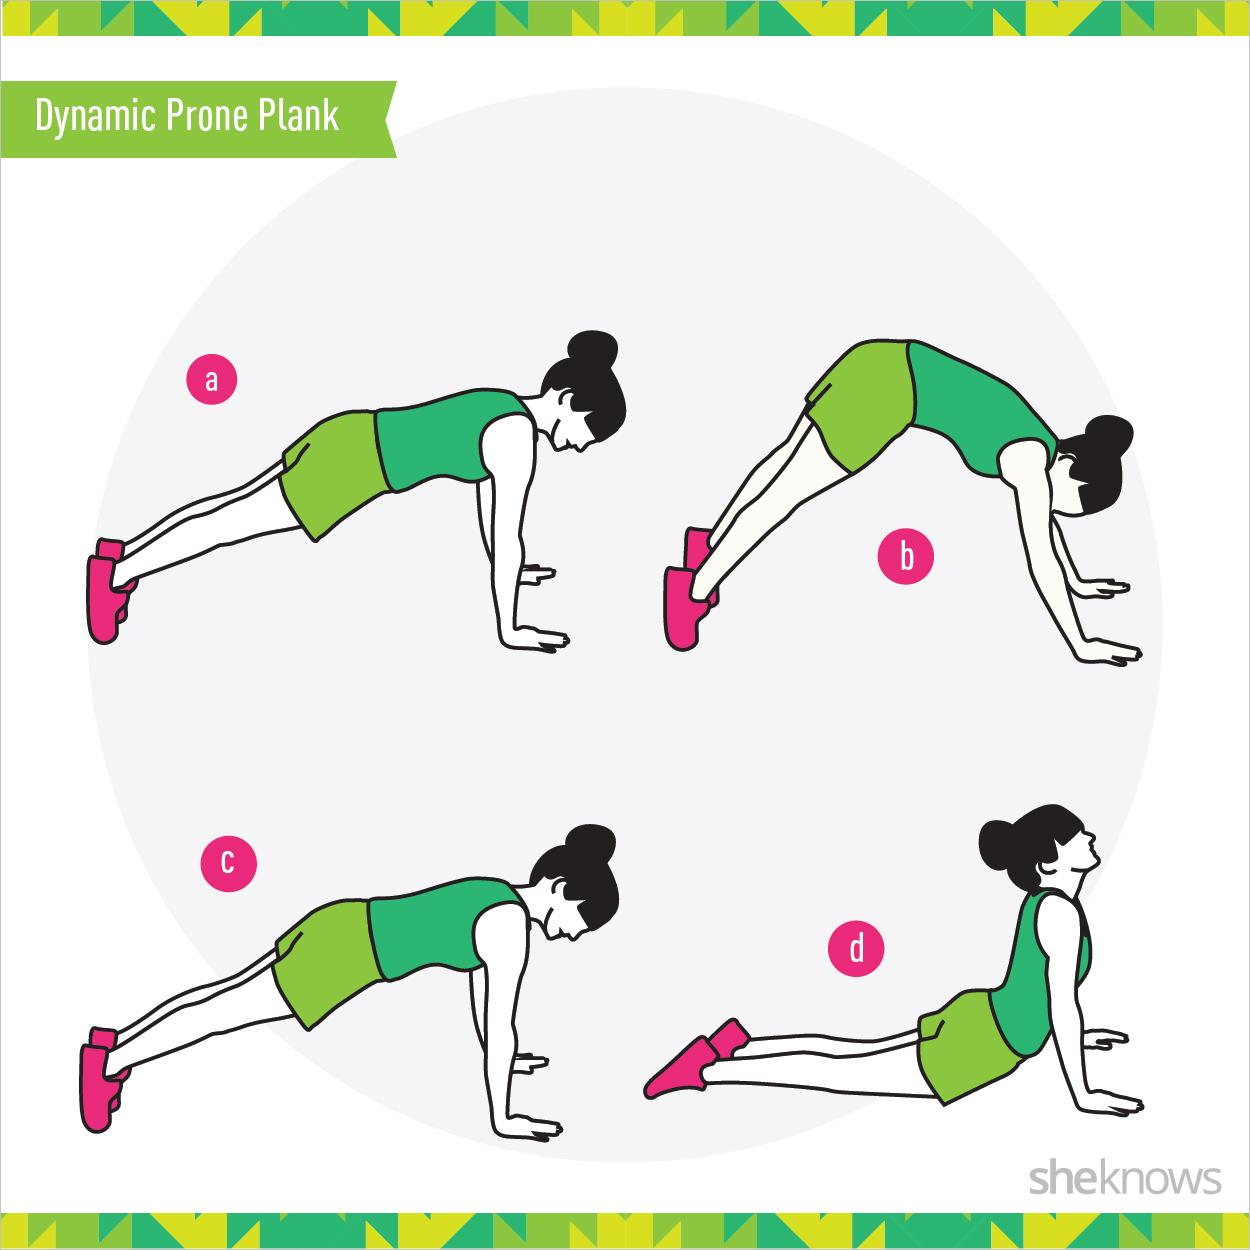 Dynamic prone plank